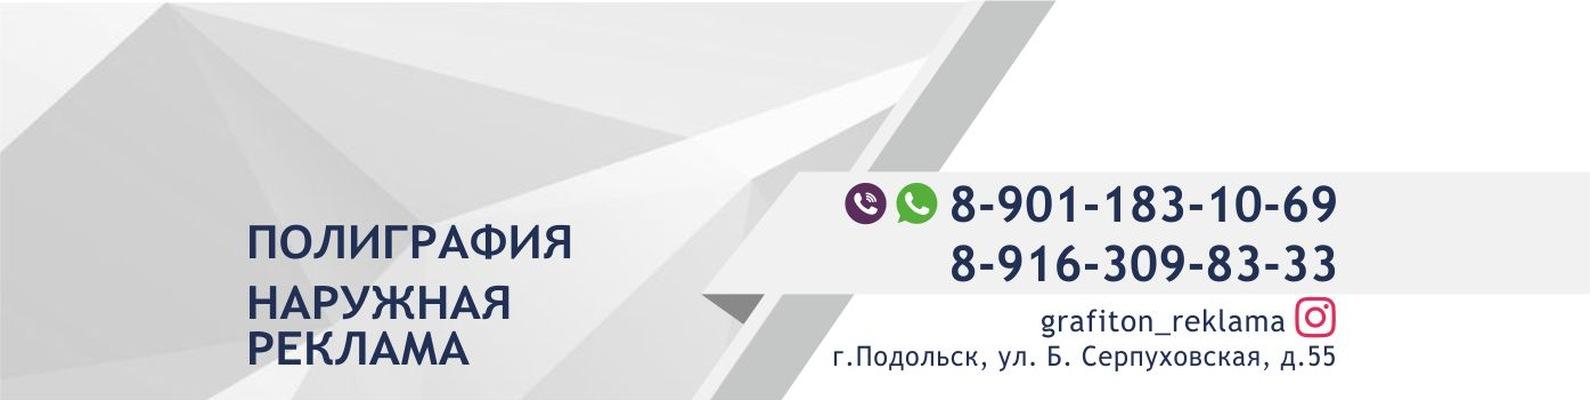 Сделать медицинскую книжку в г Подольске